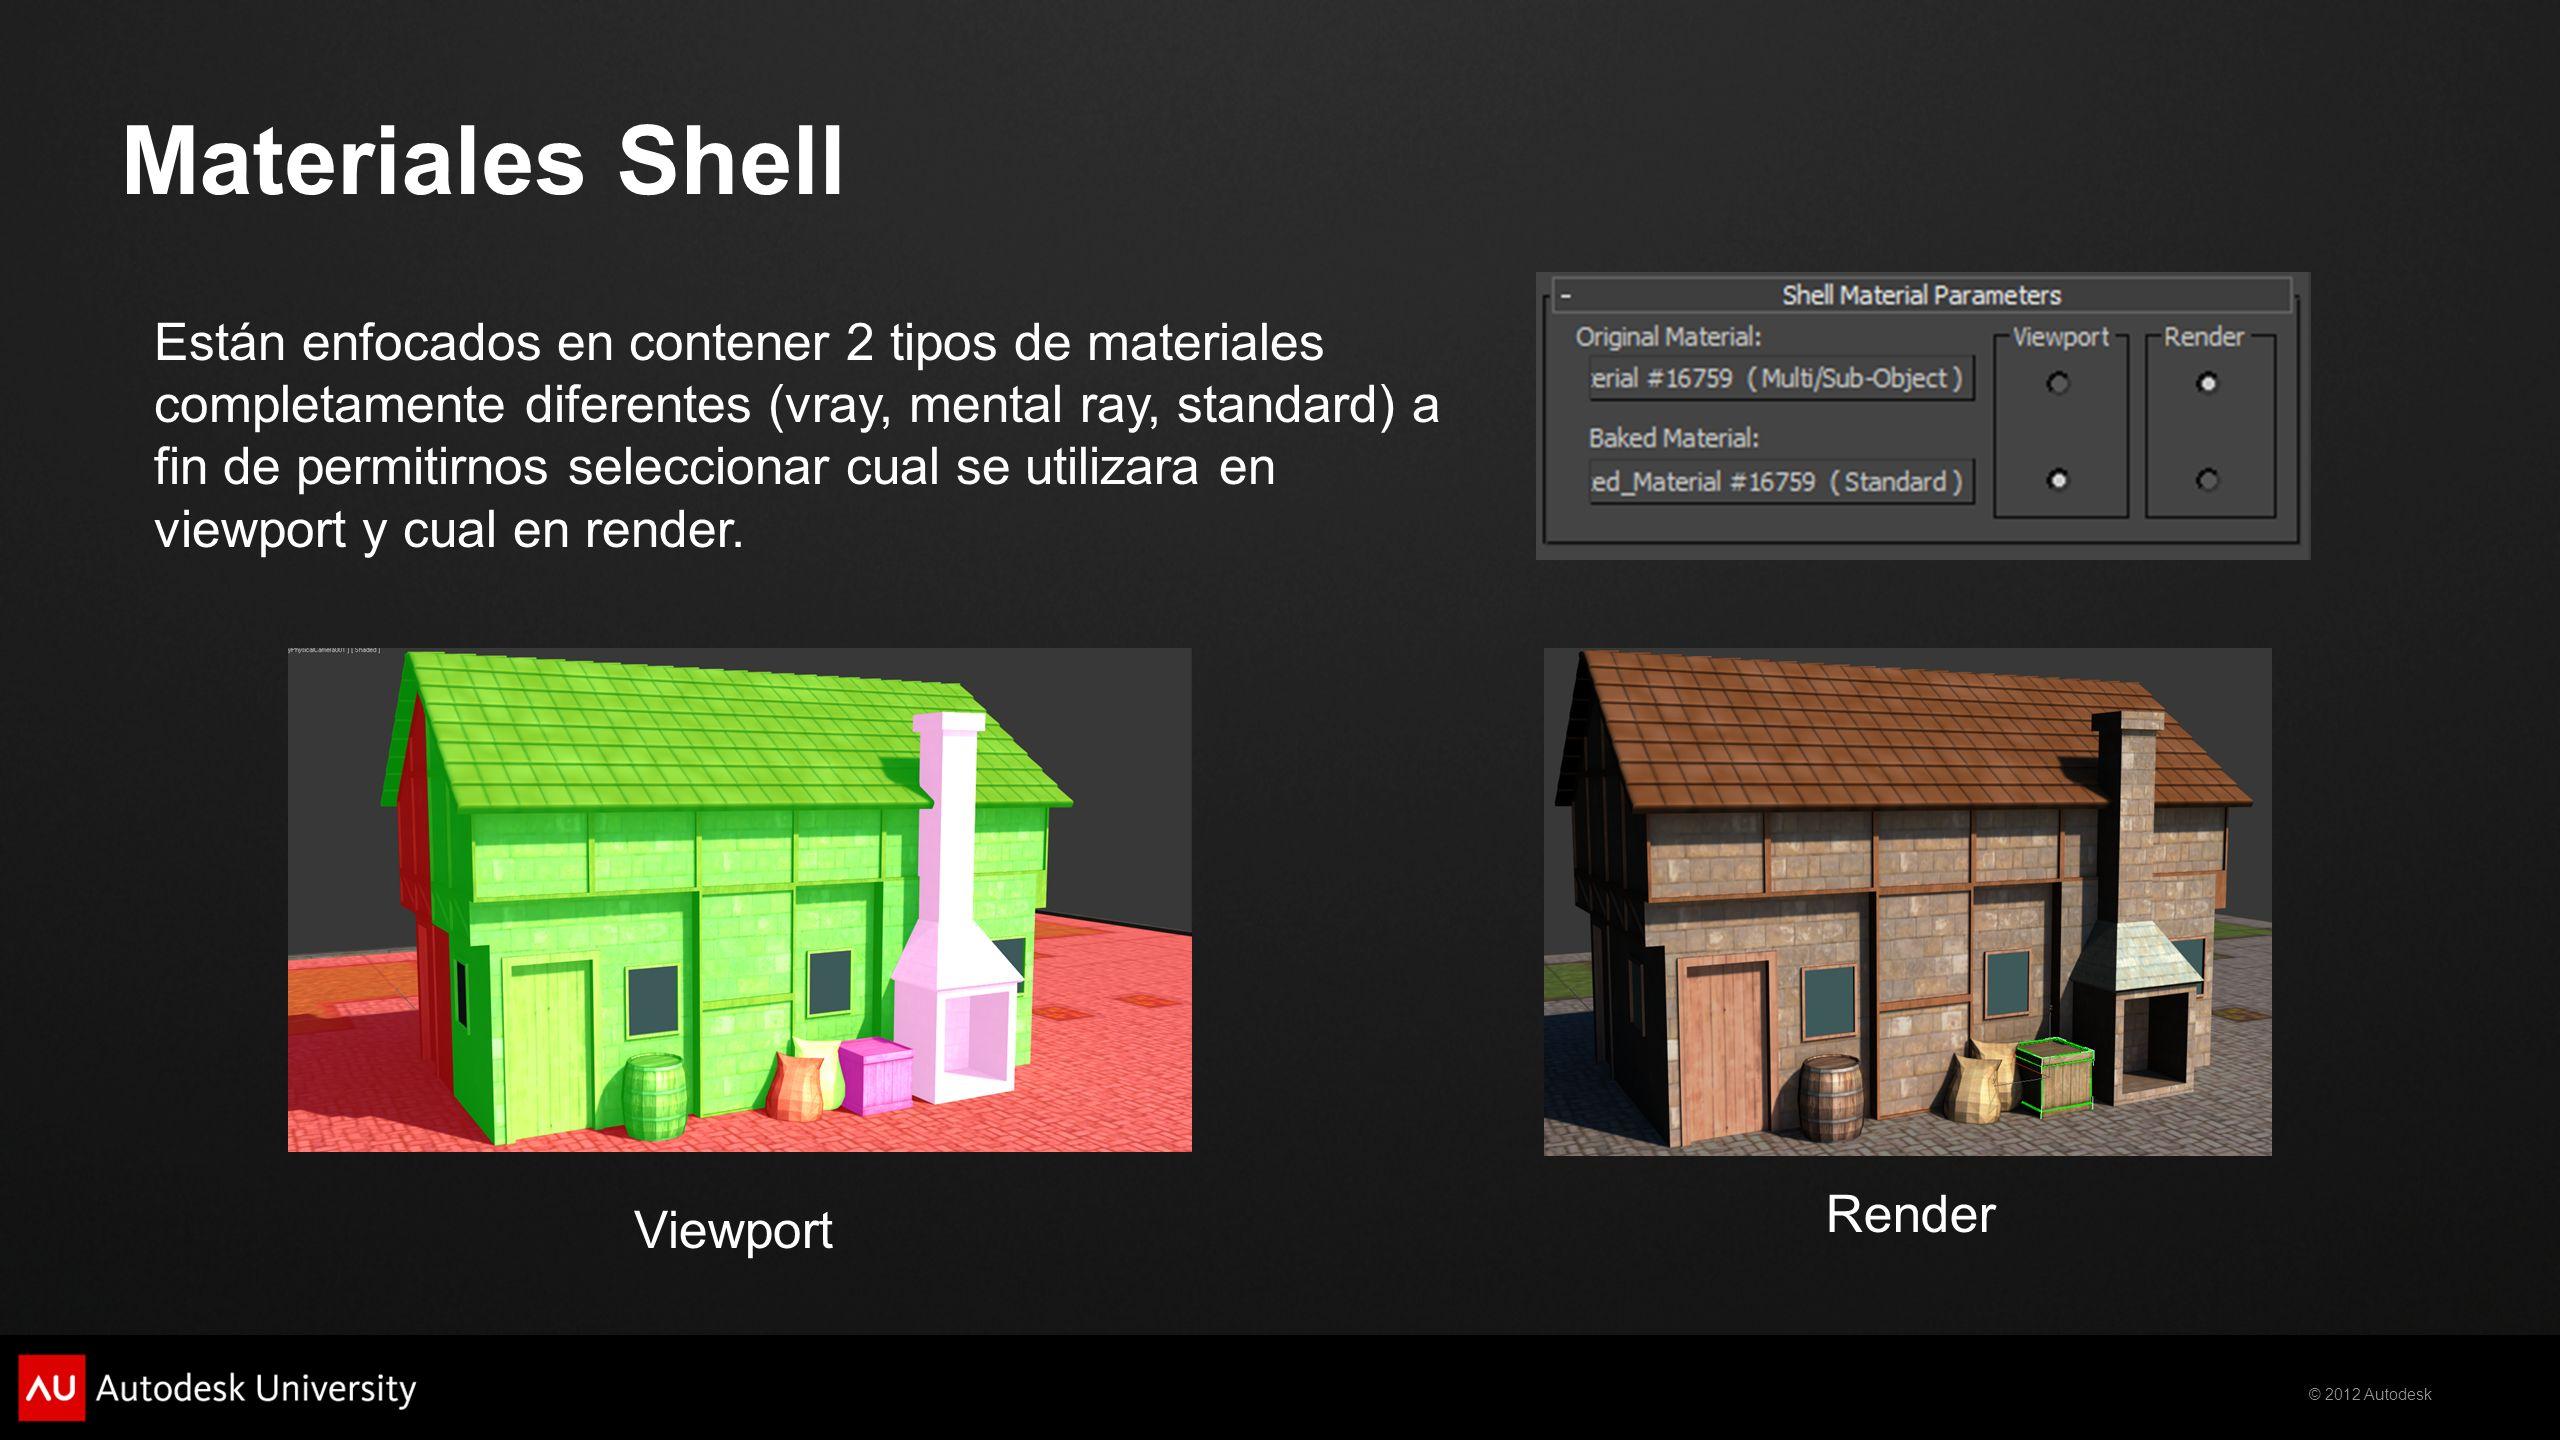 © 2012 Autodesk Materiales Shell Viewport Render Están enfocados en contener 2 tipos de materiales completamente diferentes (vray, mental ray, standar